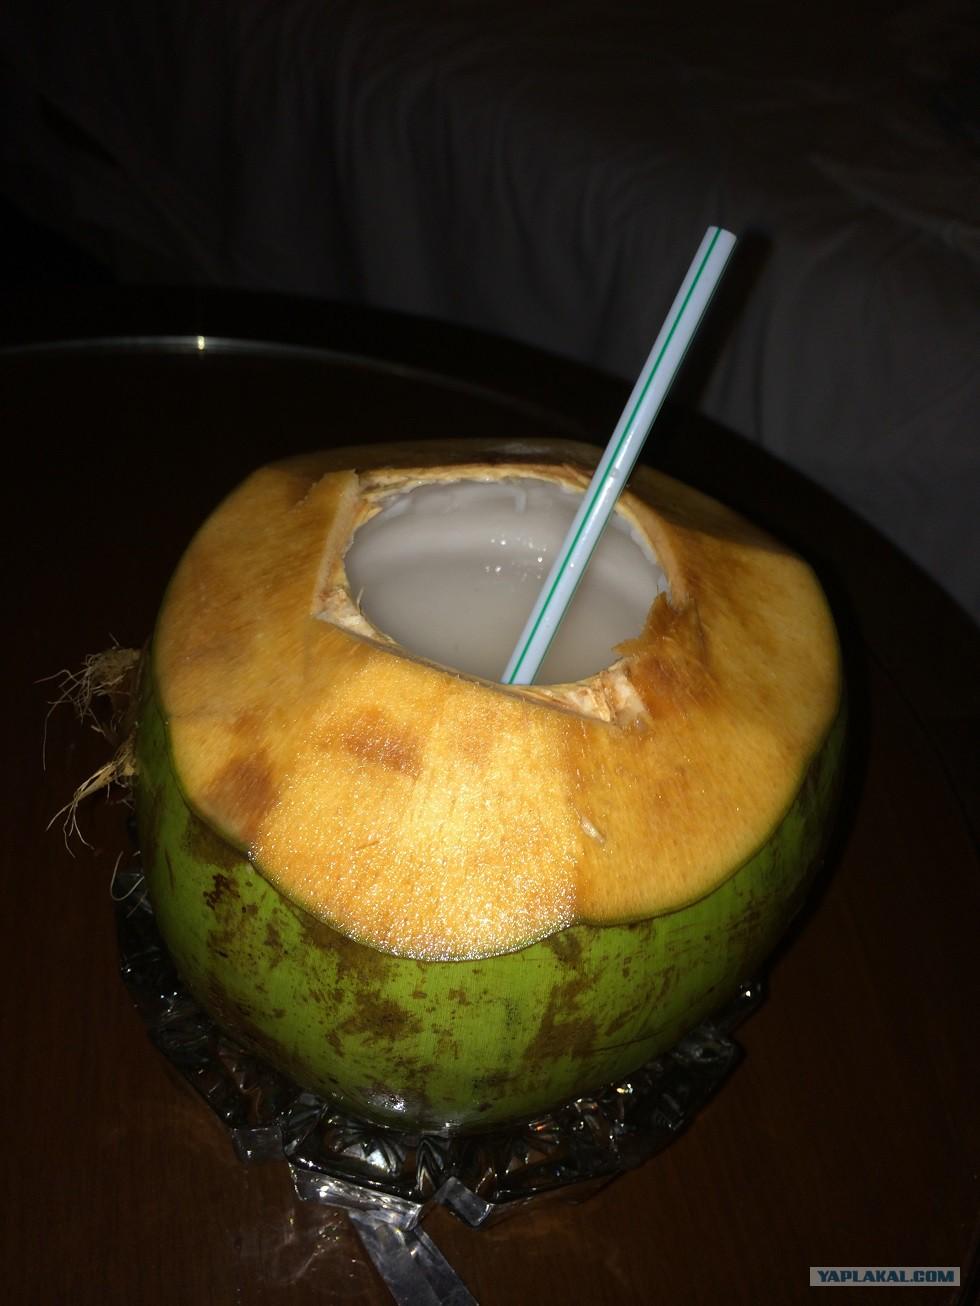 Как расколоть кокос в домашних условиях: инструкция 56